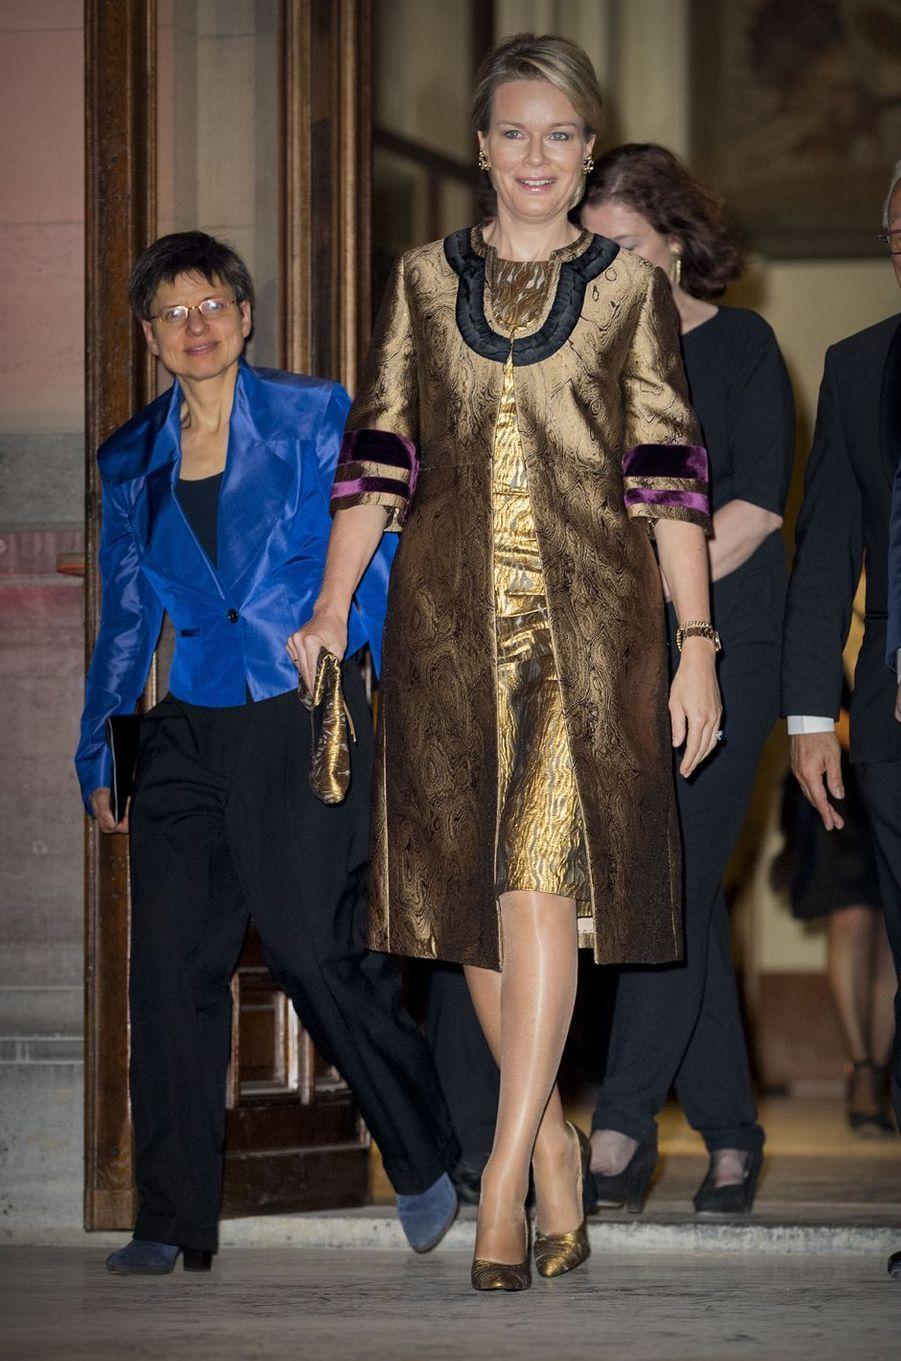 La reine Mathilde de Belgique en total look doré à Anvers, le 26 novembre 2016